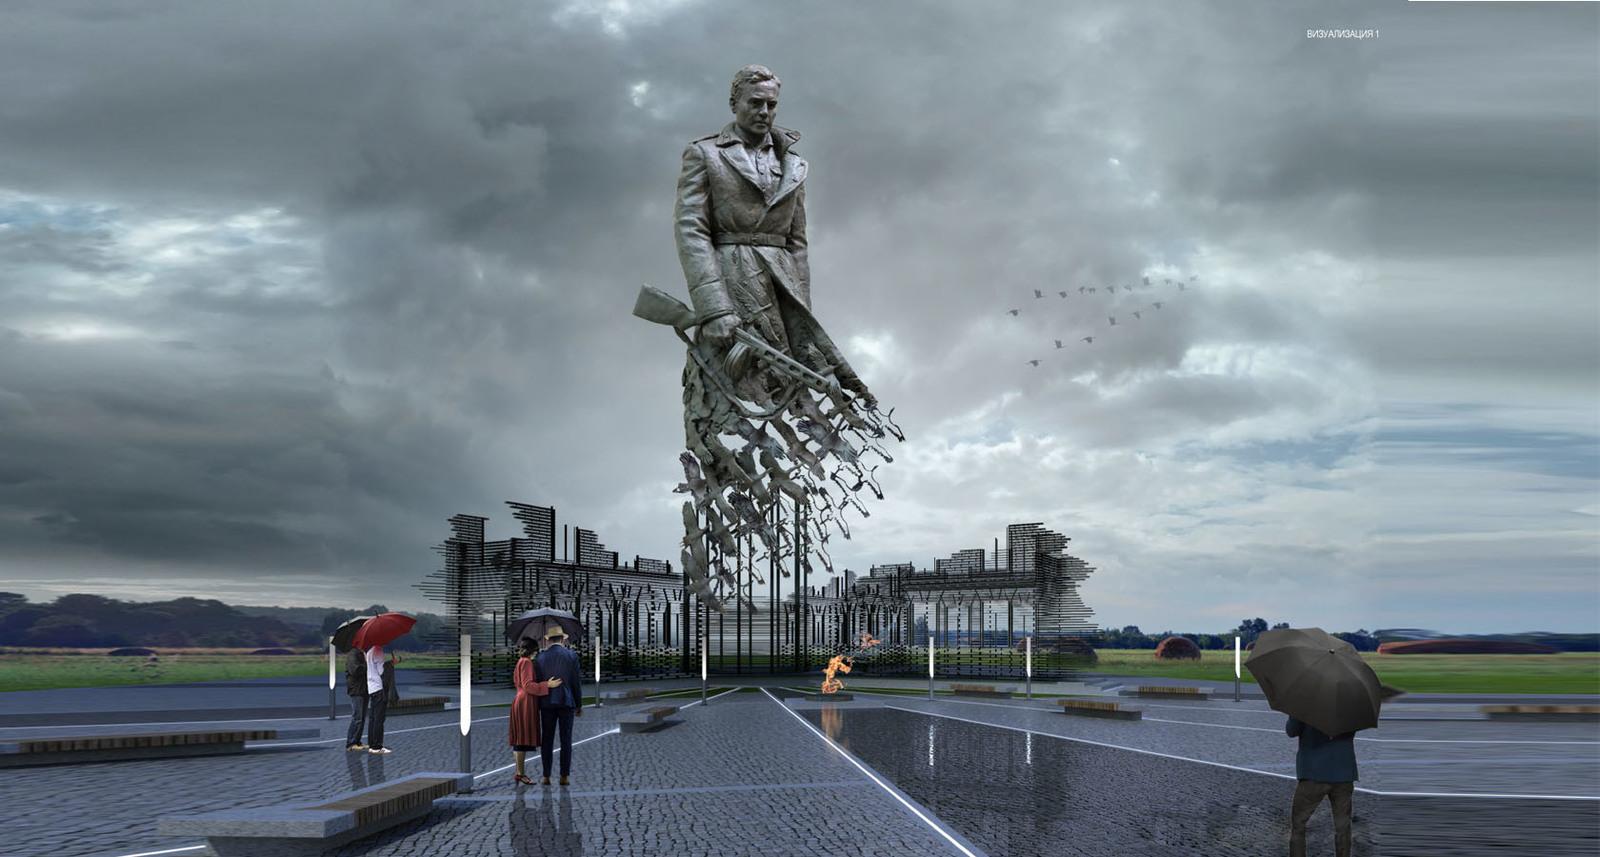 Пресс-тур в литейный цех (г. Солнечногорск), где завершается отливка бронзовой фигуры солдата для Ржевского мемориала